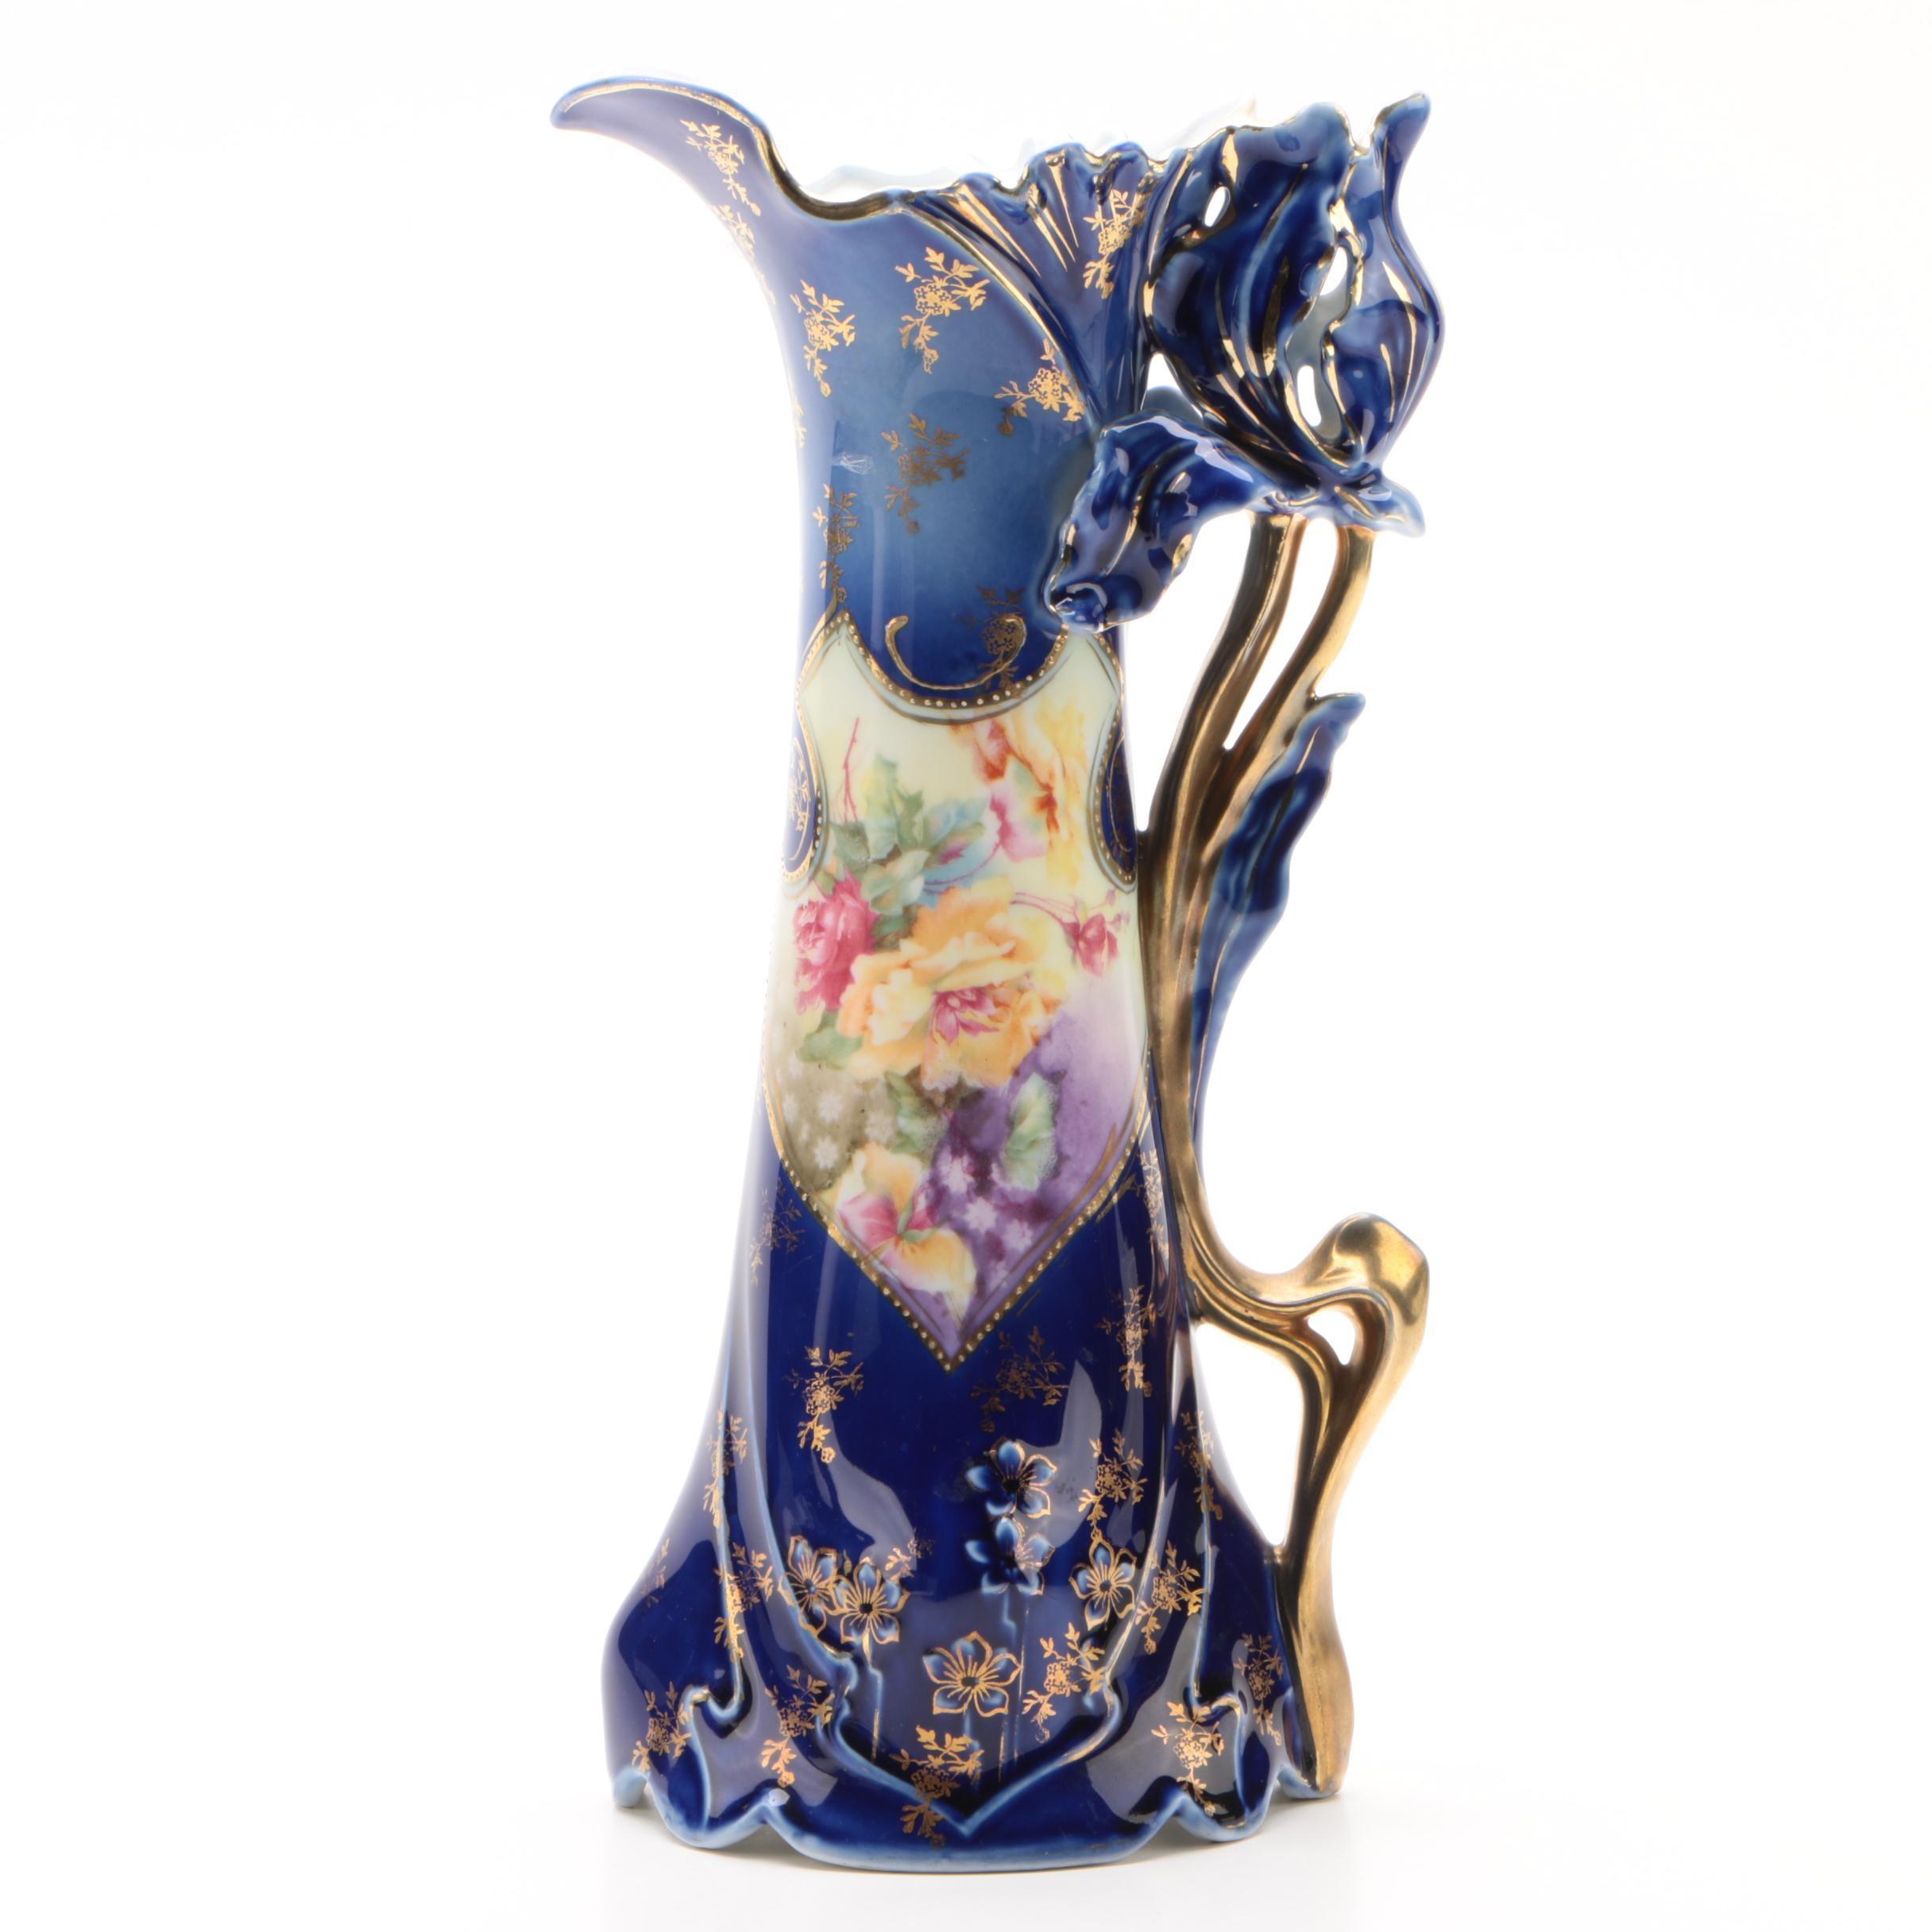 Art Nouveau Style German Porcelain Pitcher